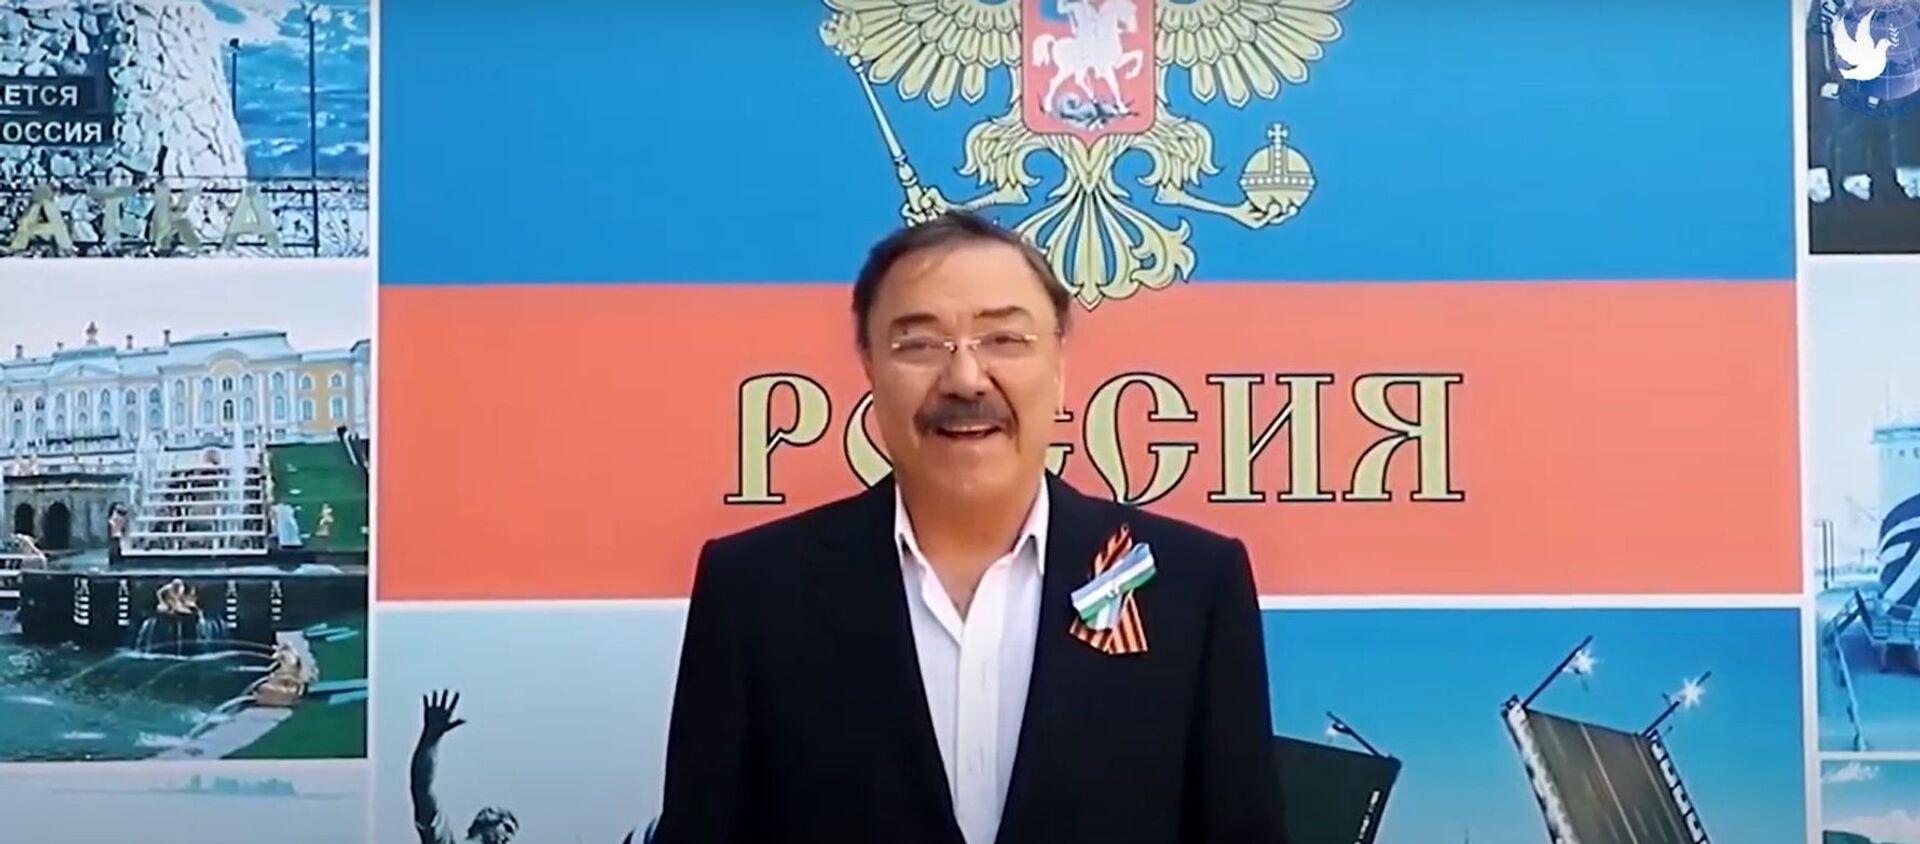 Песня День Победы впервые прозвучала на узбекском языке- видео - Sputnik Узбекистан, 1920, 09.05.2020